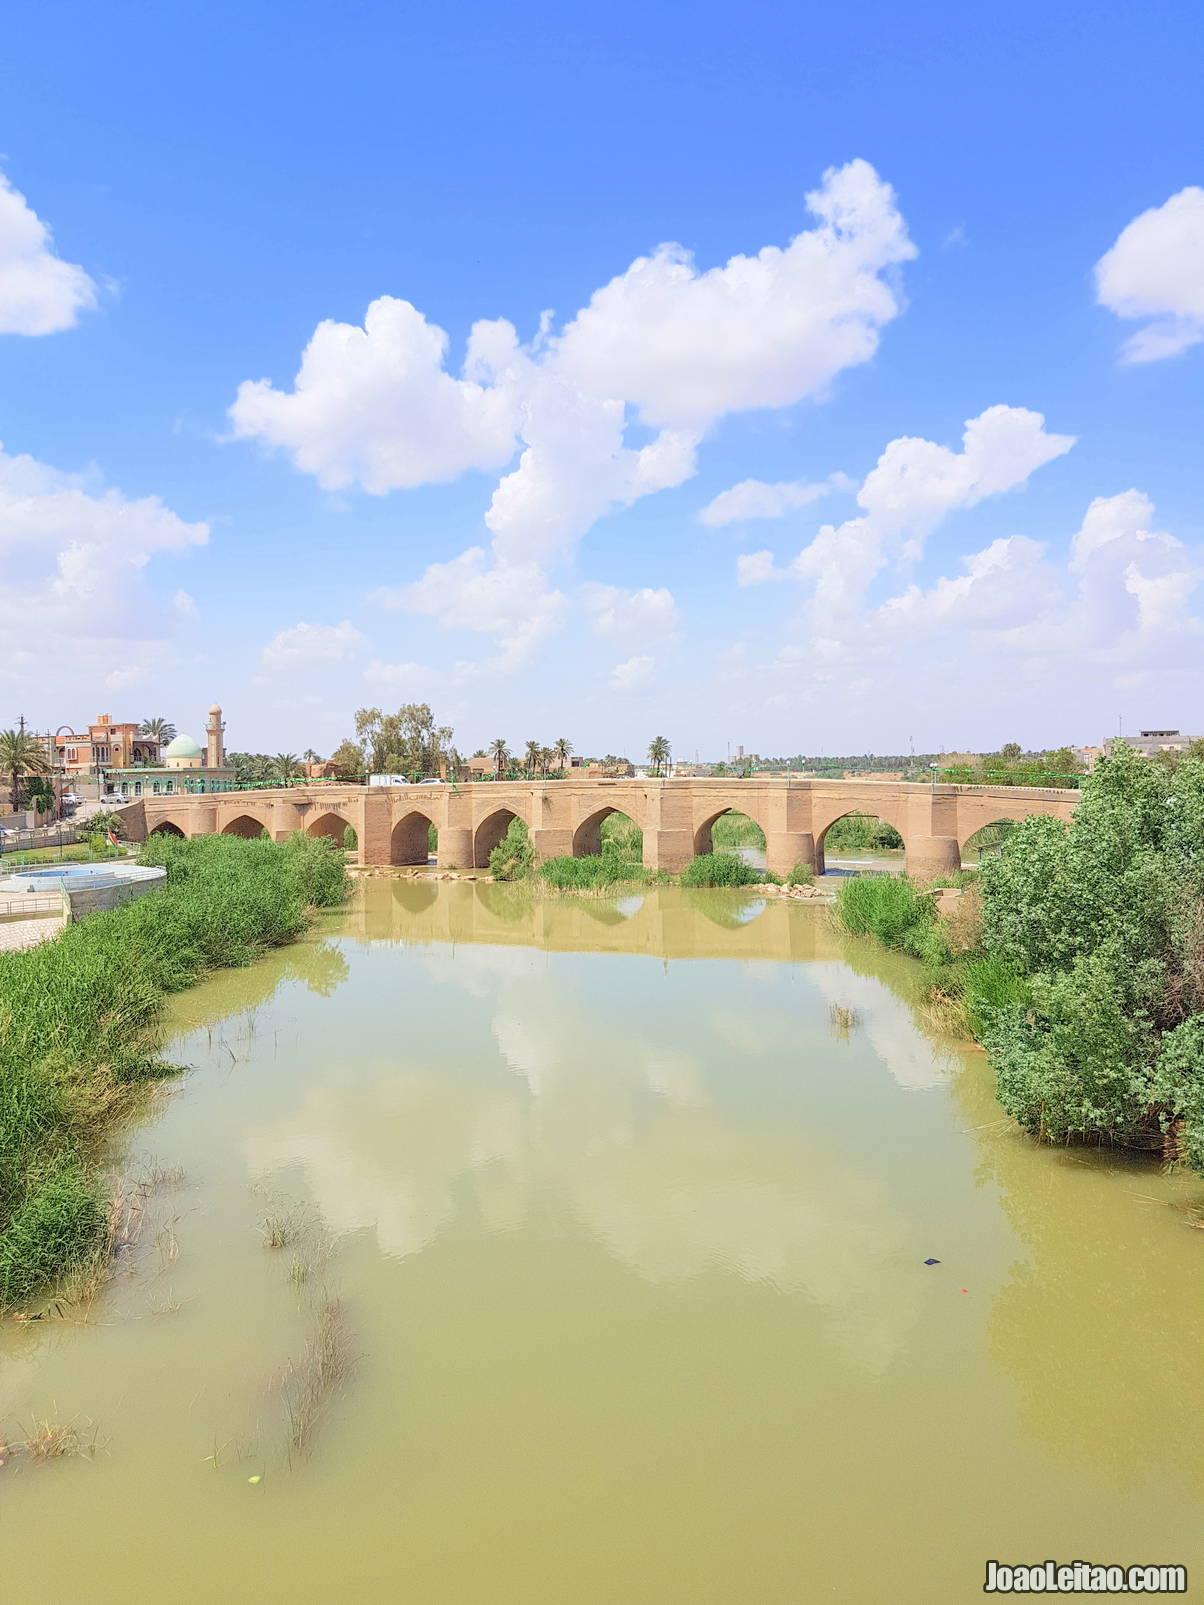 Visit Khanaqin in Iraqi Kurdistan